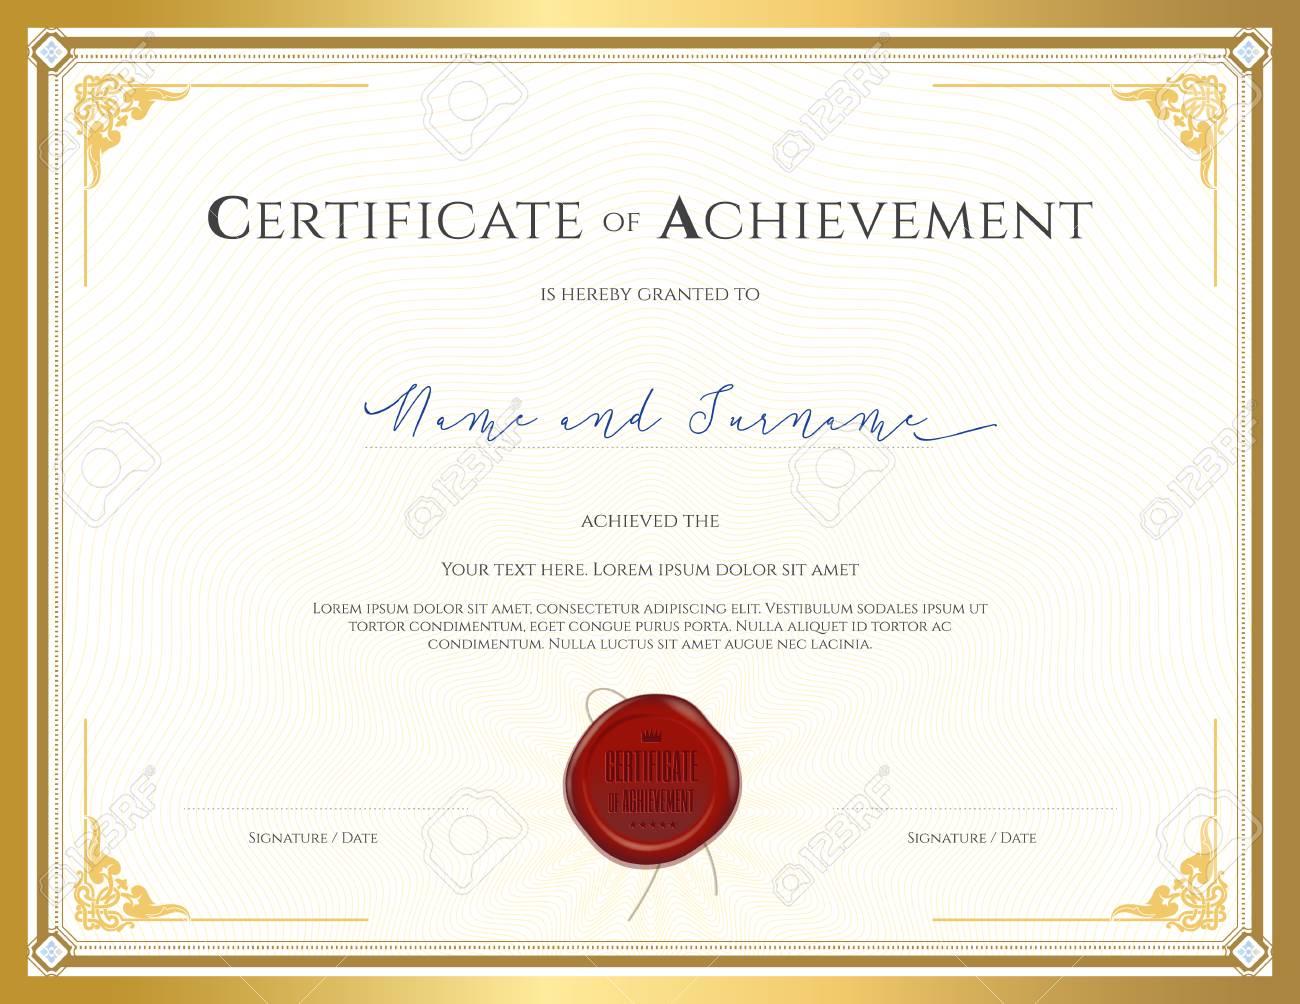 Zertifikatvorlage Für Die Leistung, Wertschätzung, Abschluss Oder ...